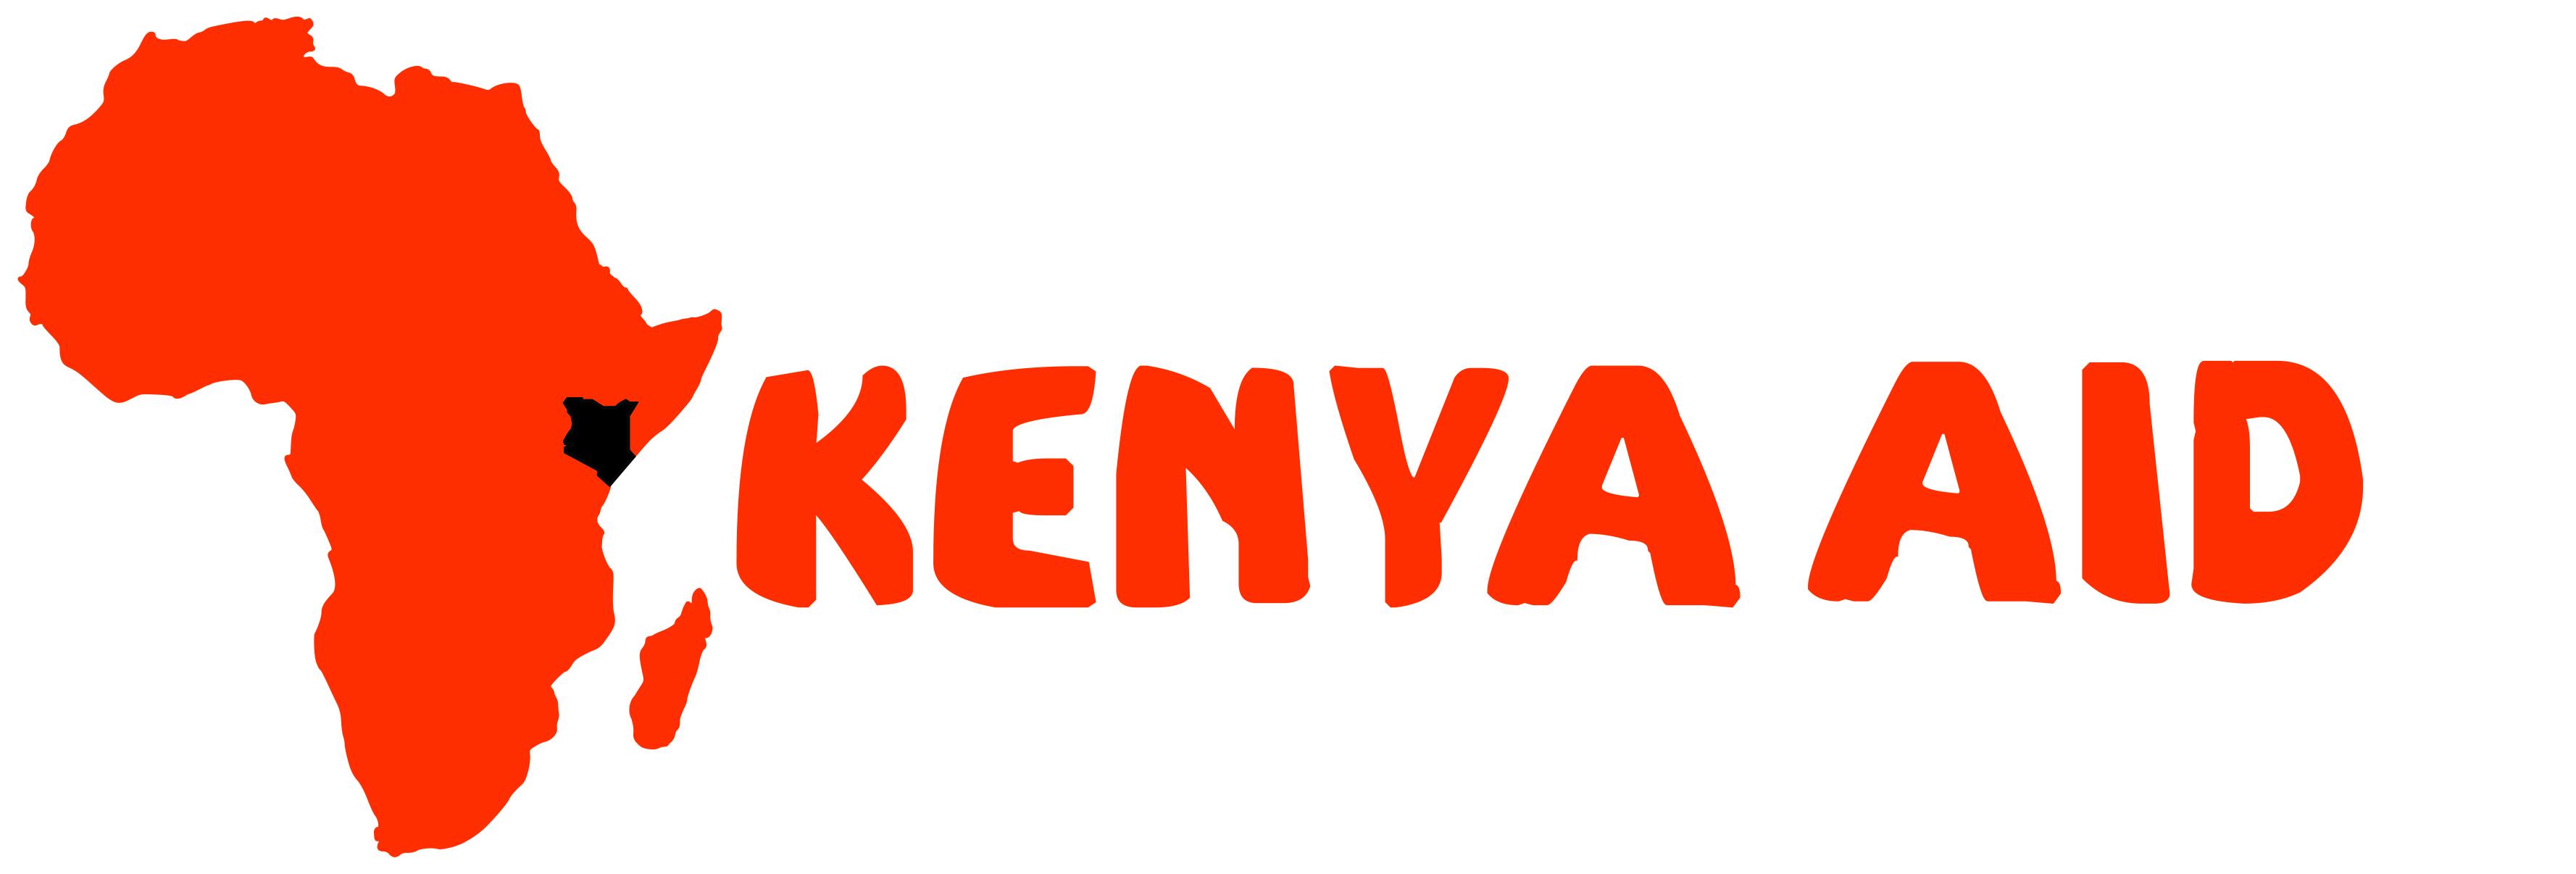 kenyaaid.org